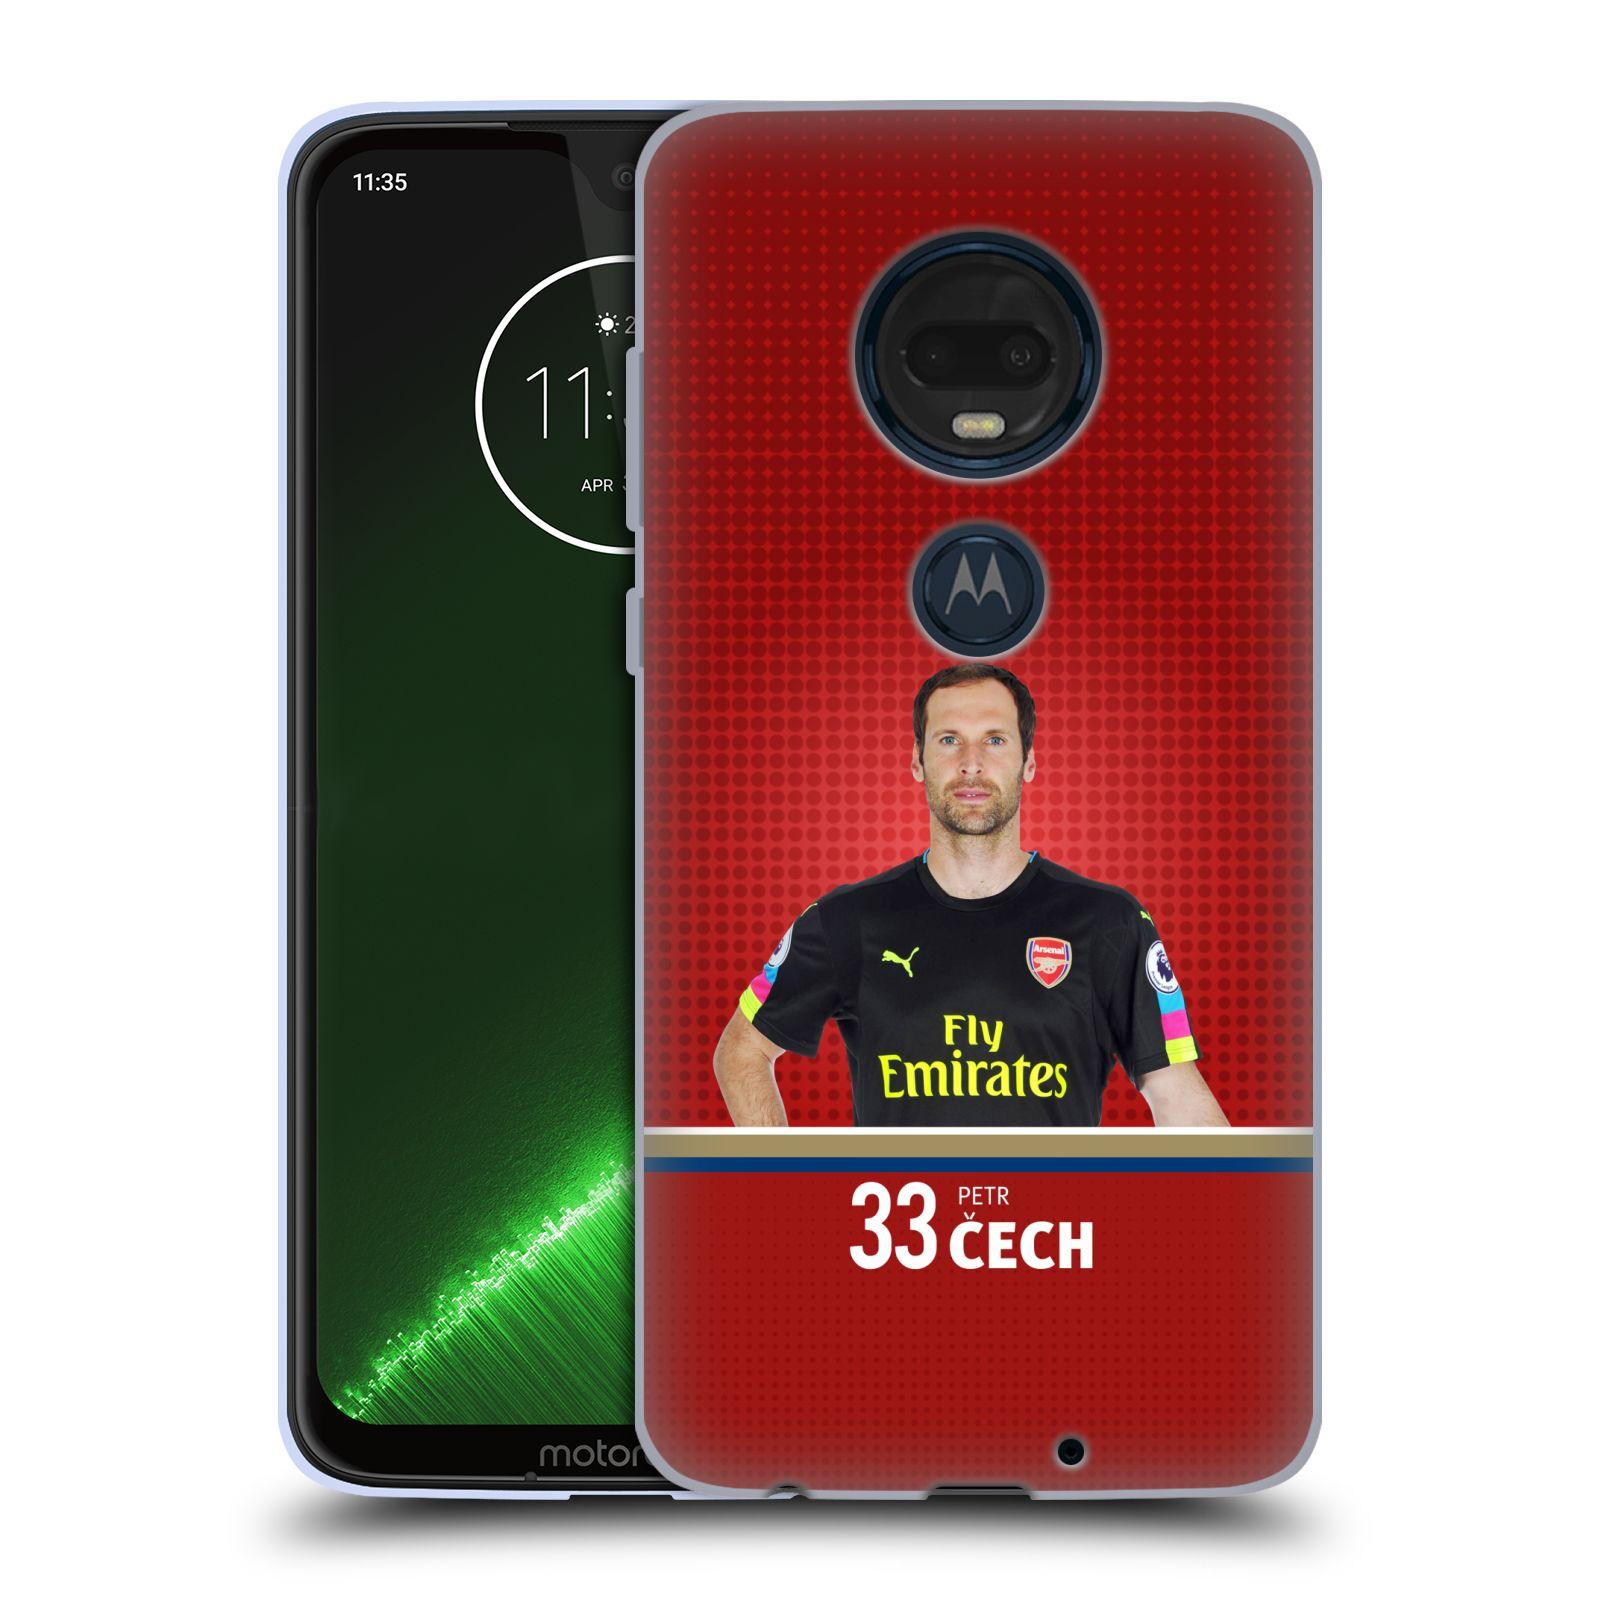 Silikonové pouzdro na mobil Motorola Moto G7 Plus - Head Case - Arsenal FC - Petr Čech